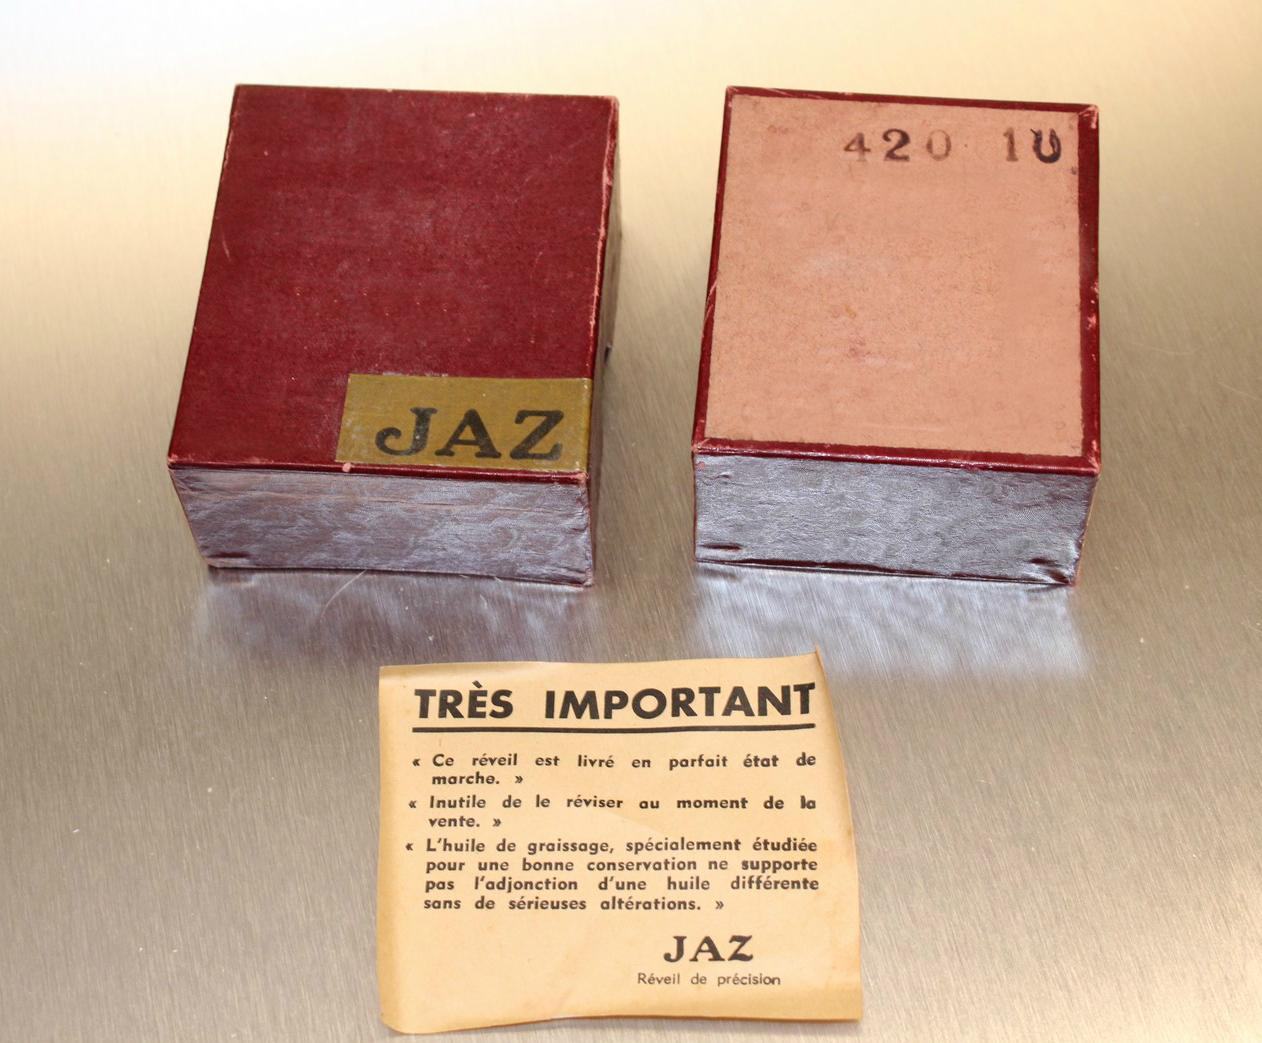 boîte legic 420-10 nl